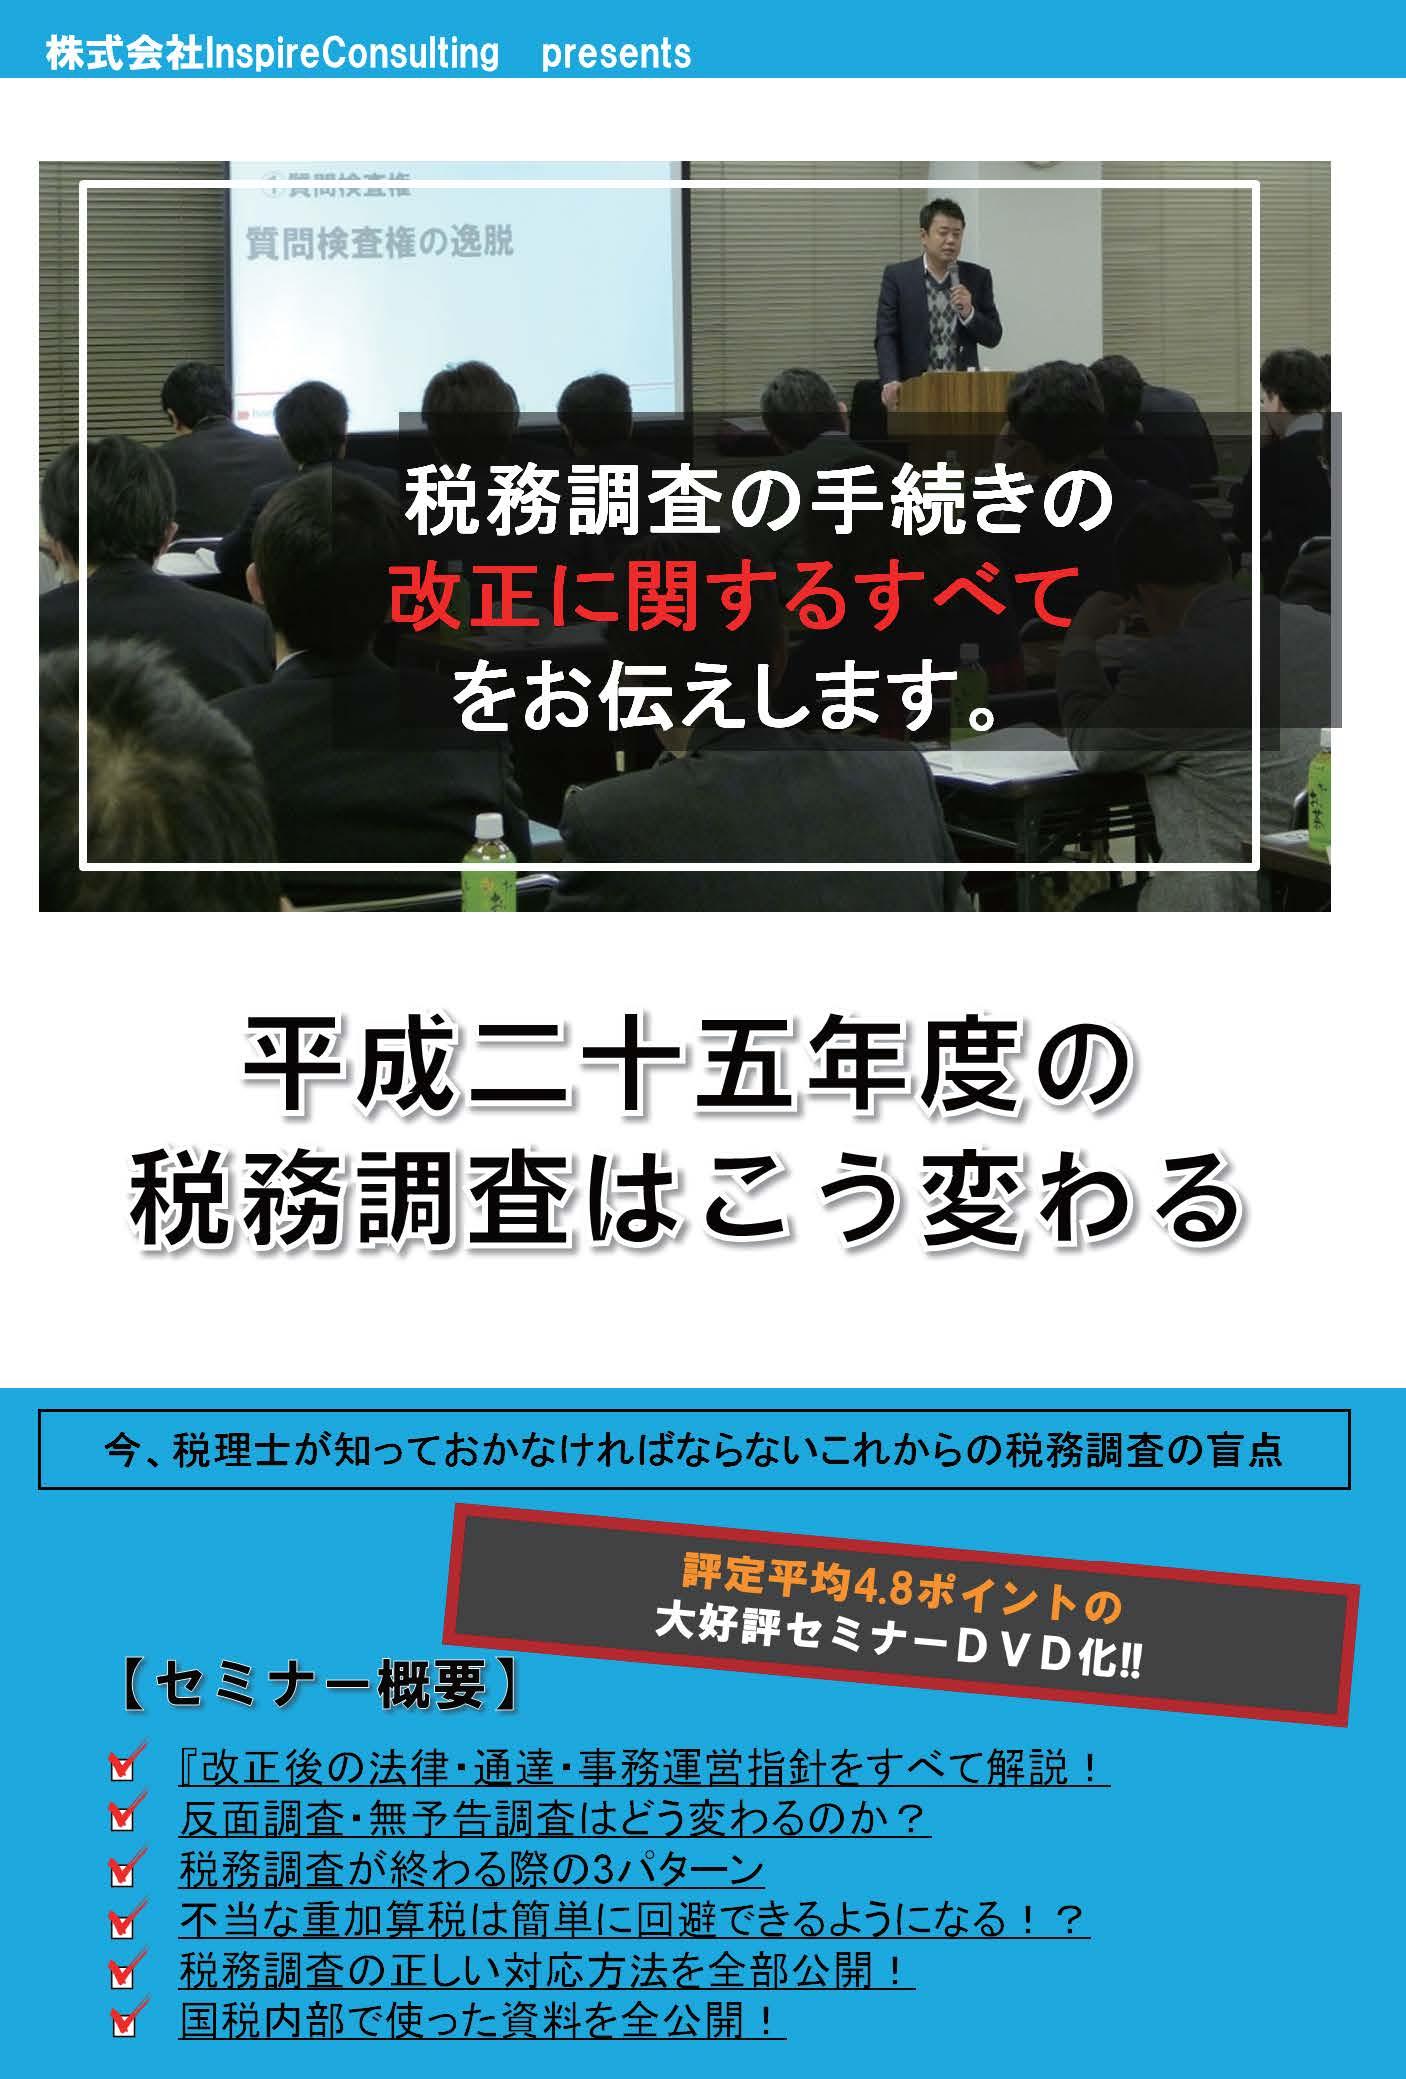 【販売終了】『平成25年度の税務調査はこう変わる!!』